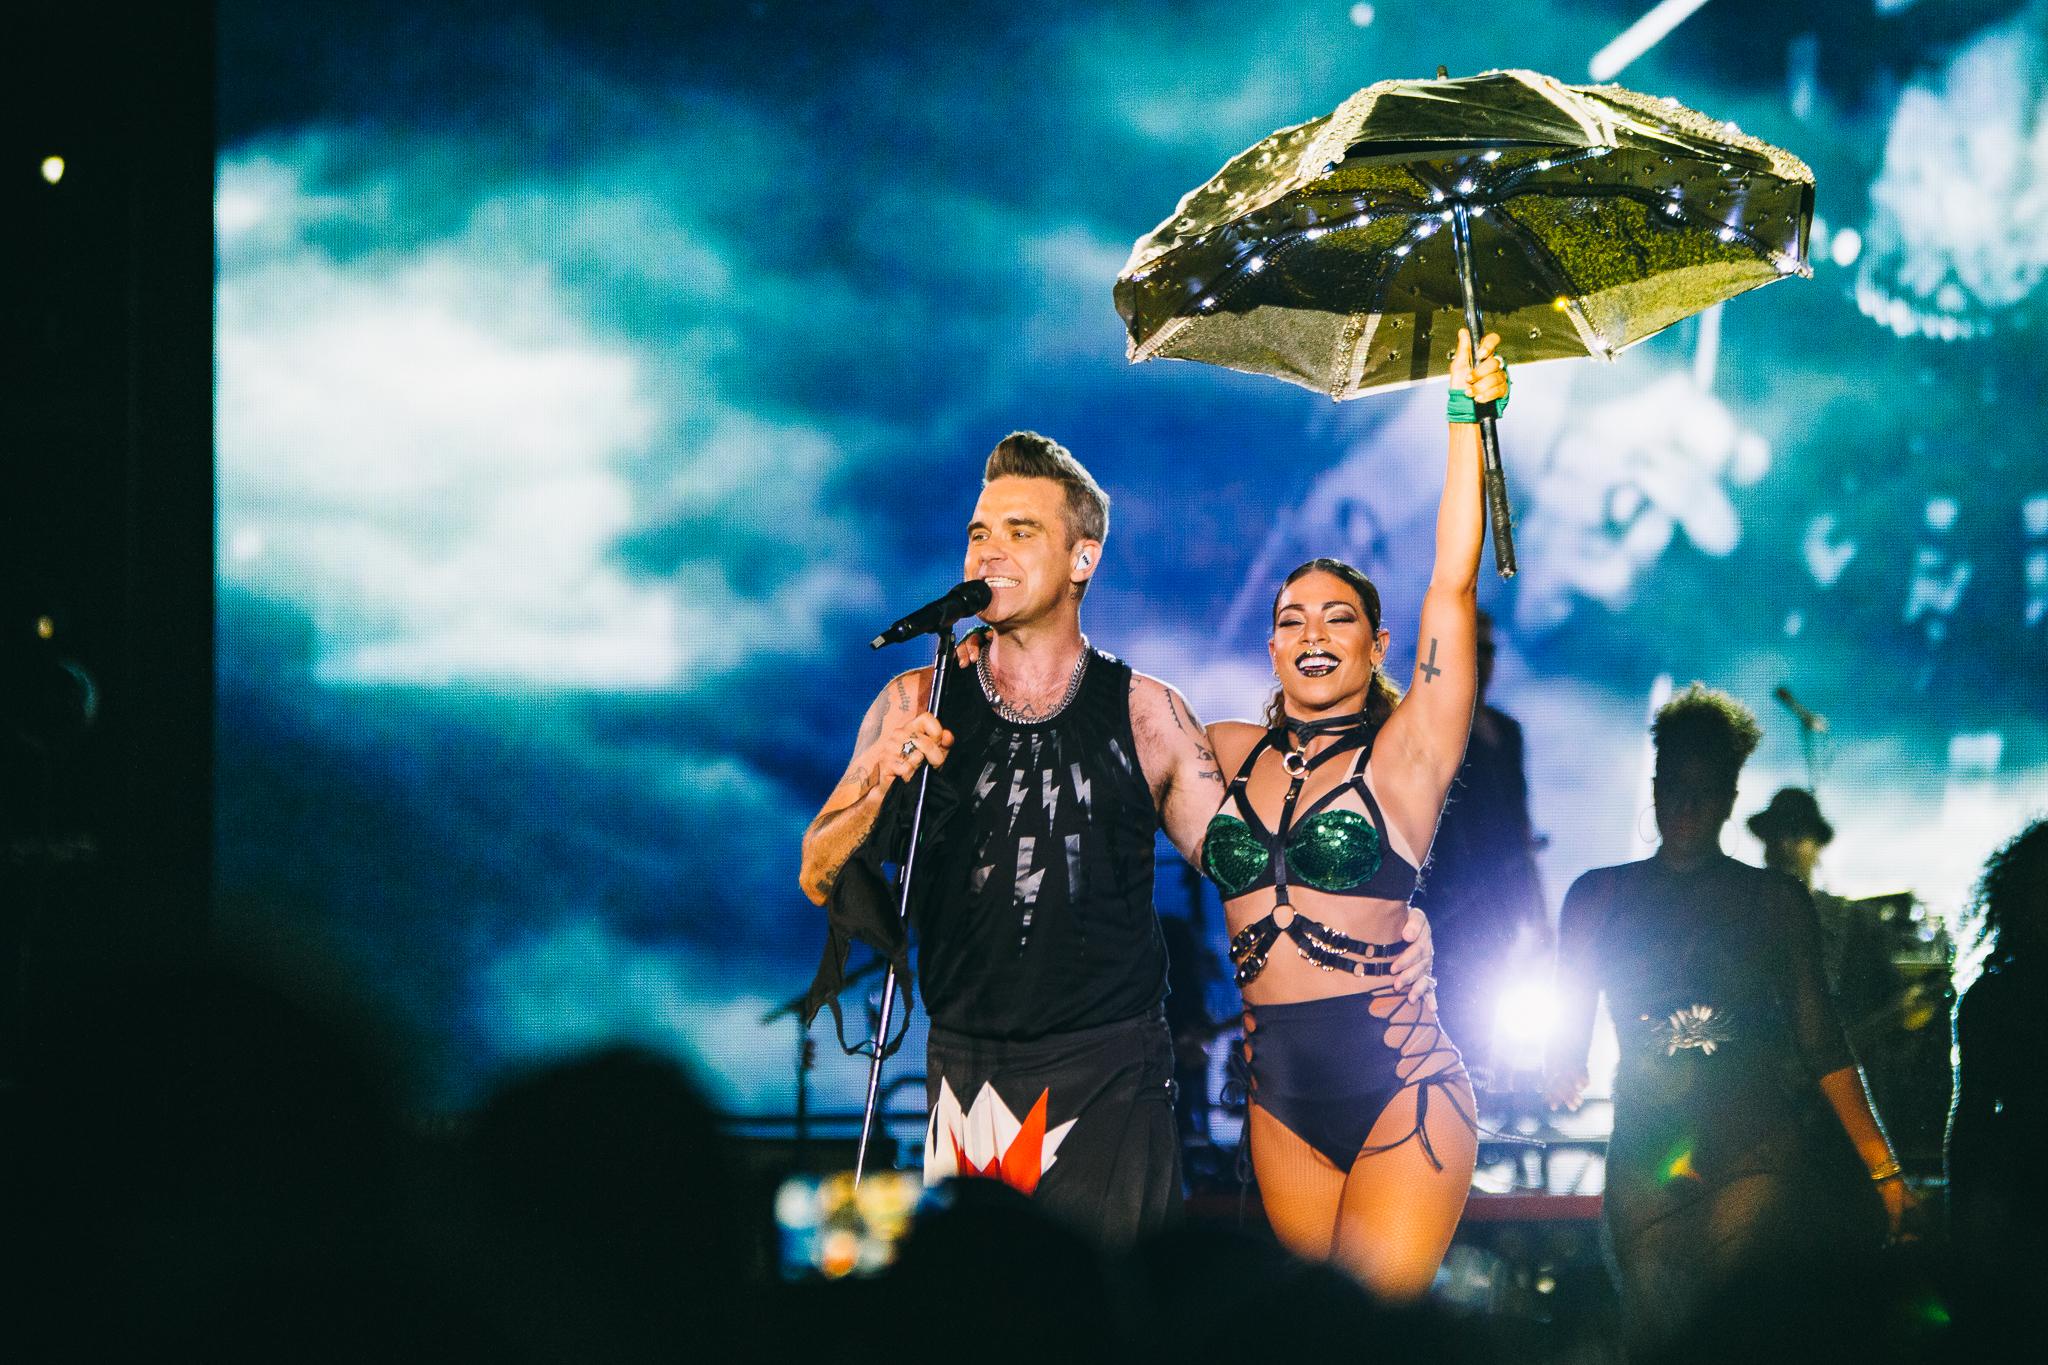 Robbie Williams_Brisbane Entertainment Centre_Bianca Holderness_20-02-30.jpg